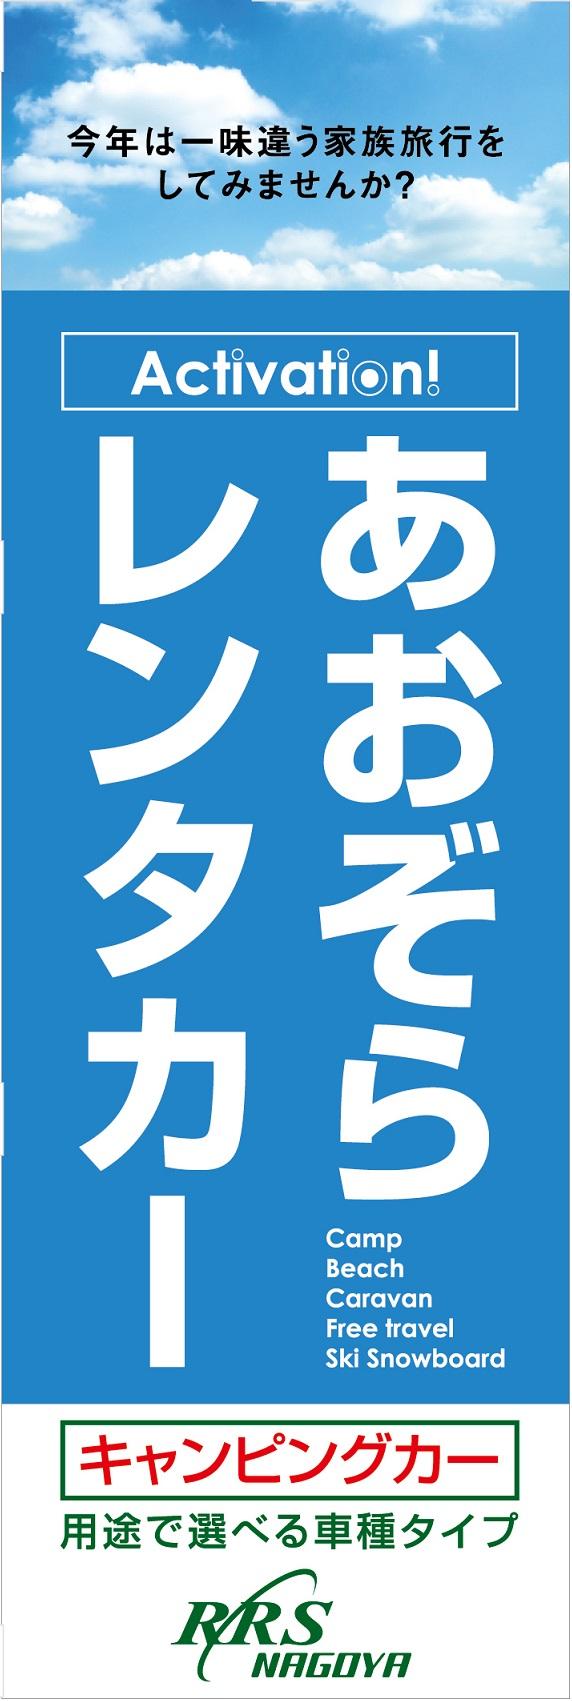 rotasRV_nagoya_aozora_nobor2.jpg